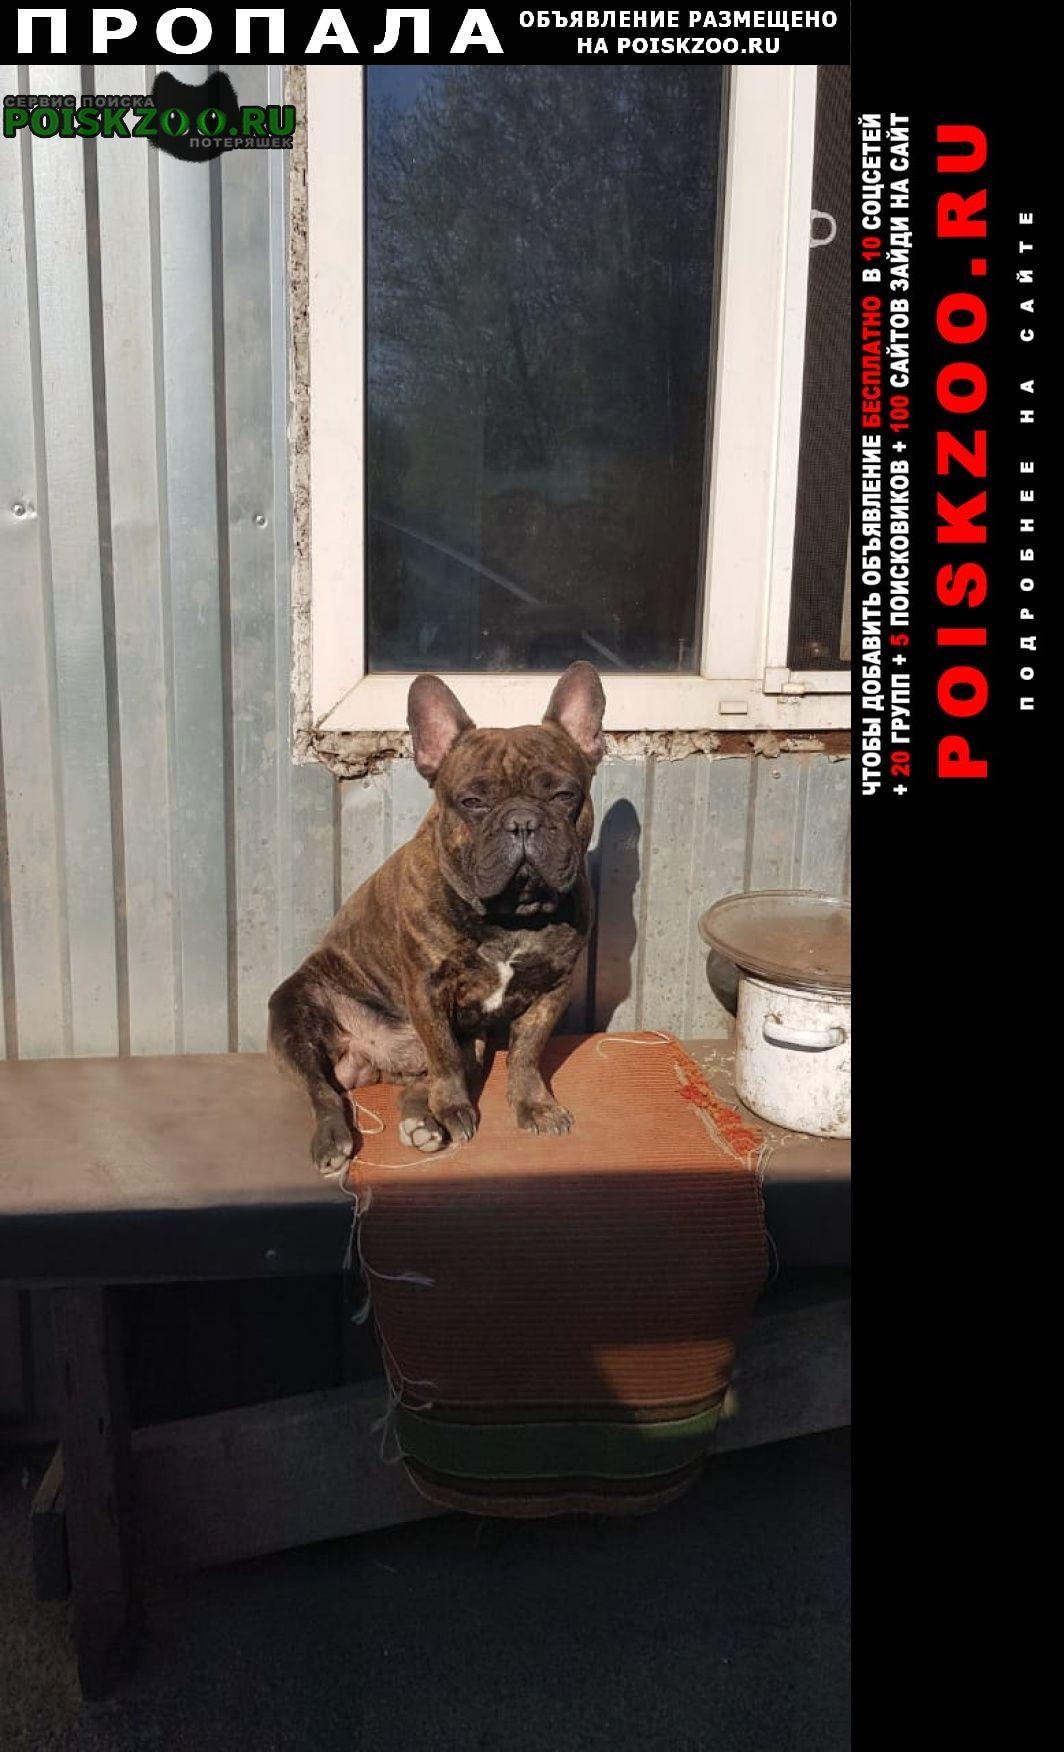 Пропала собака помогите найти Железногорск Курская обл.